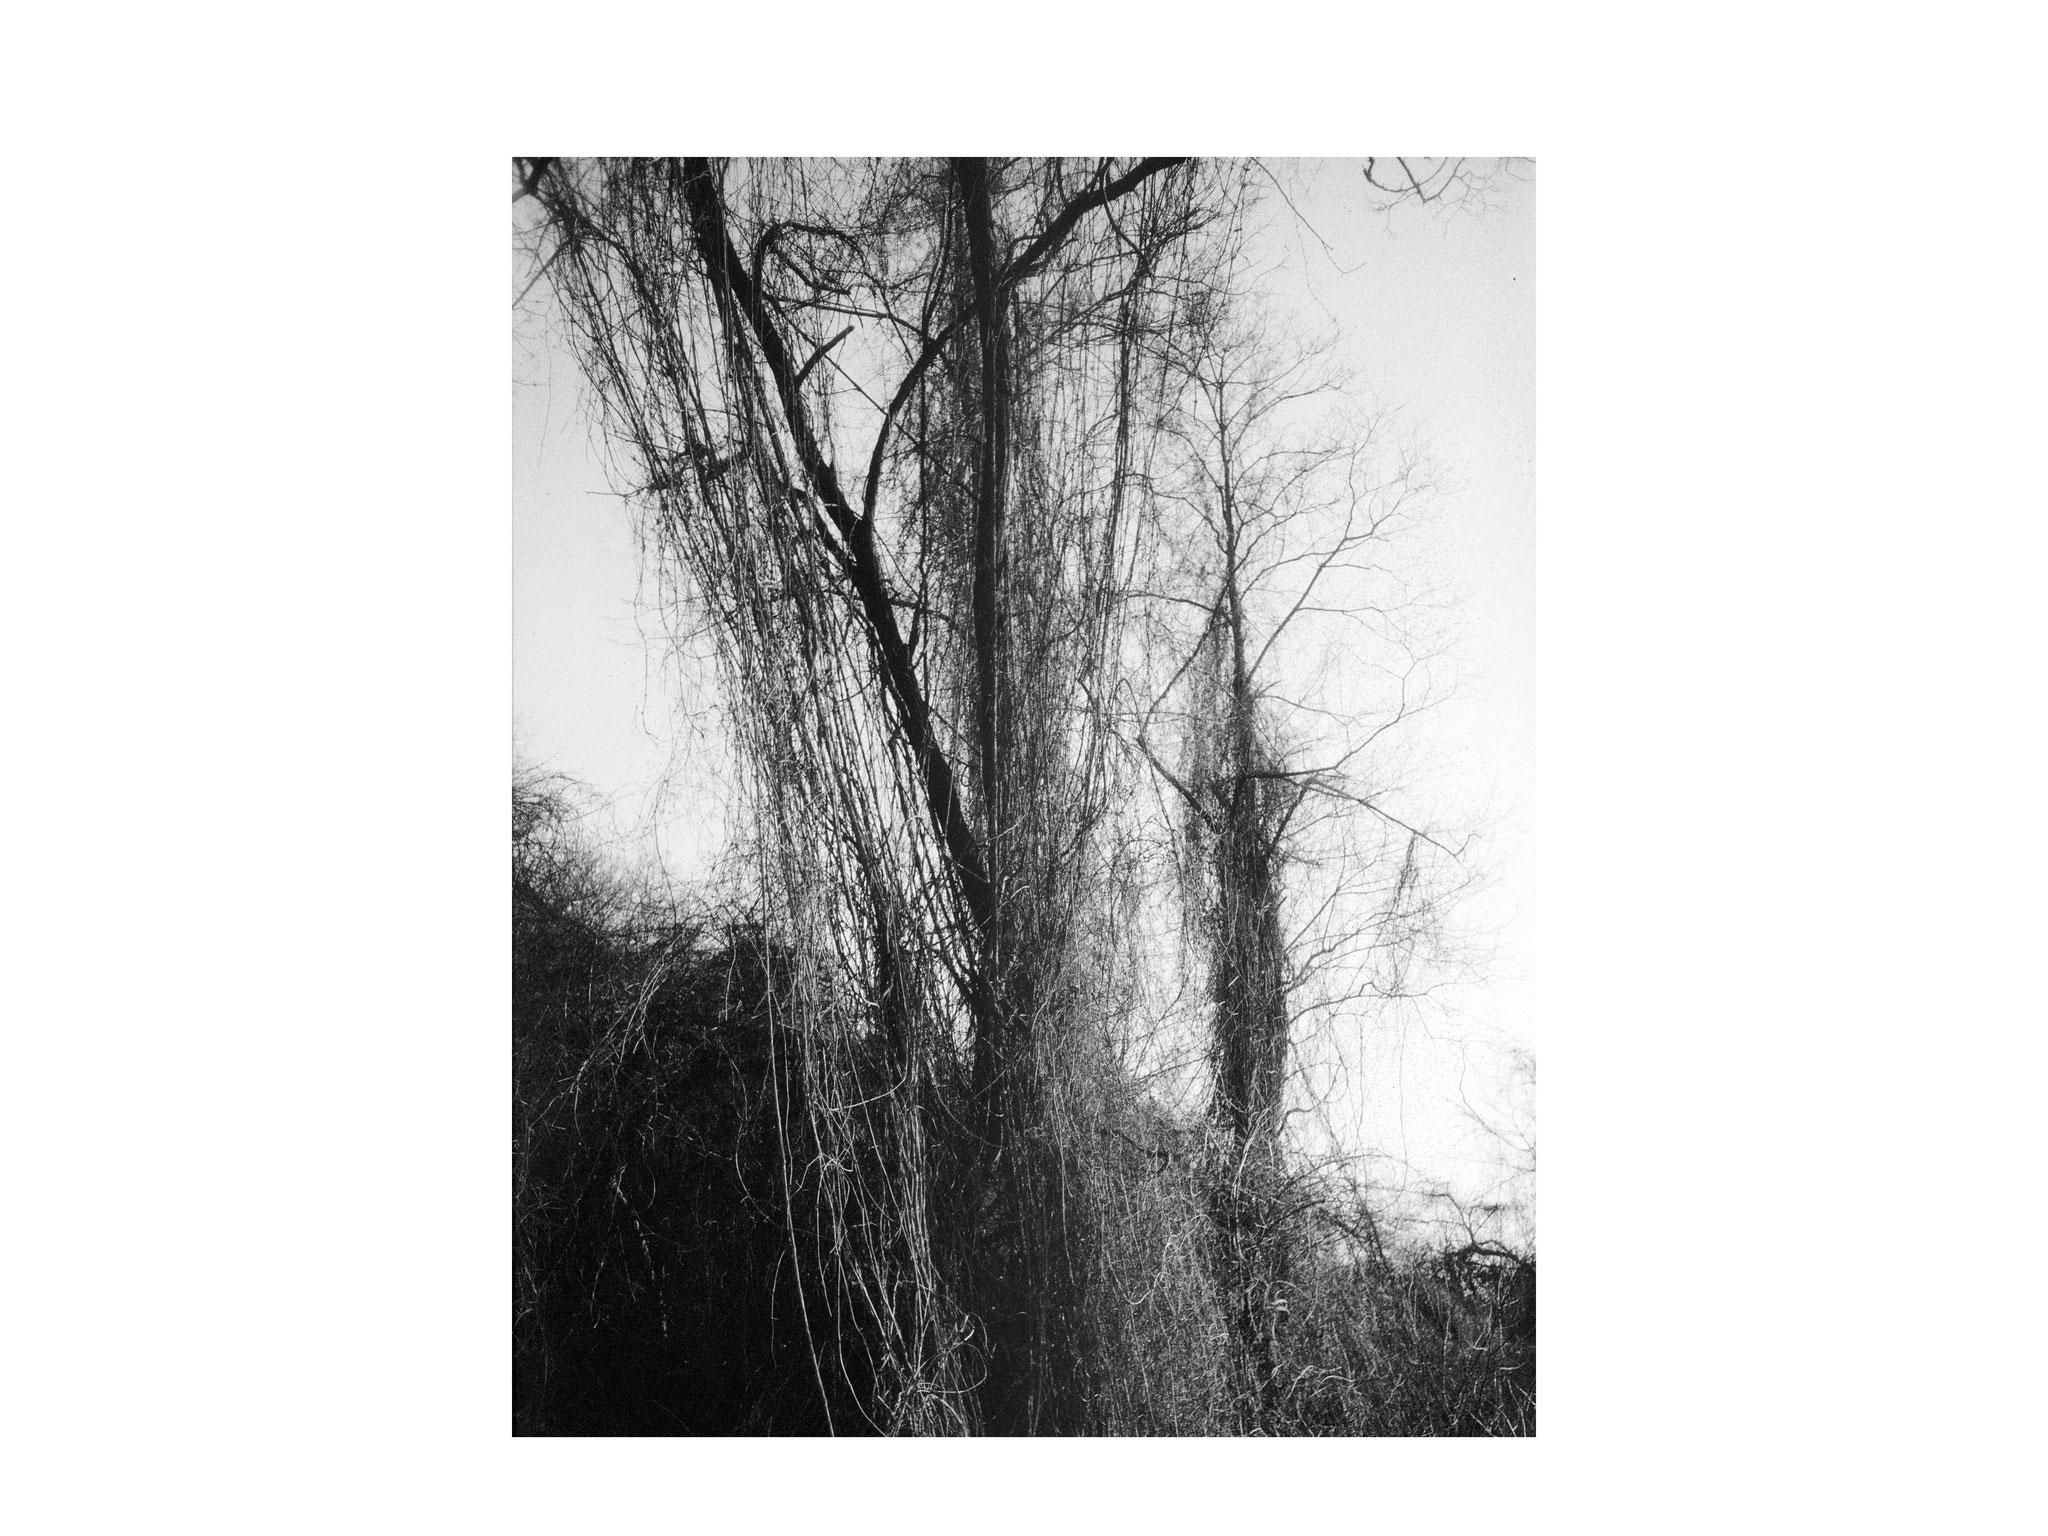 Der umschlungene Baum 2